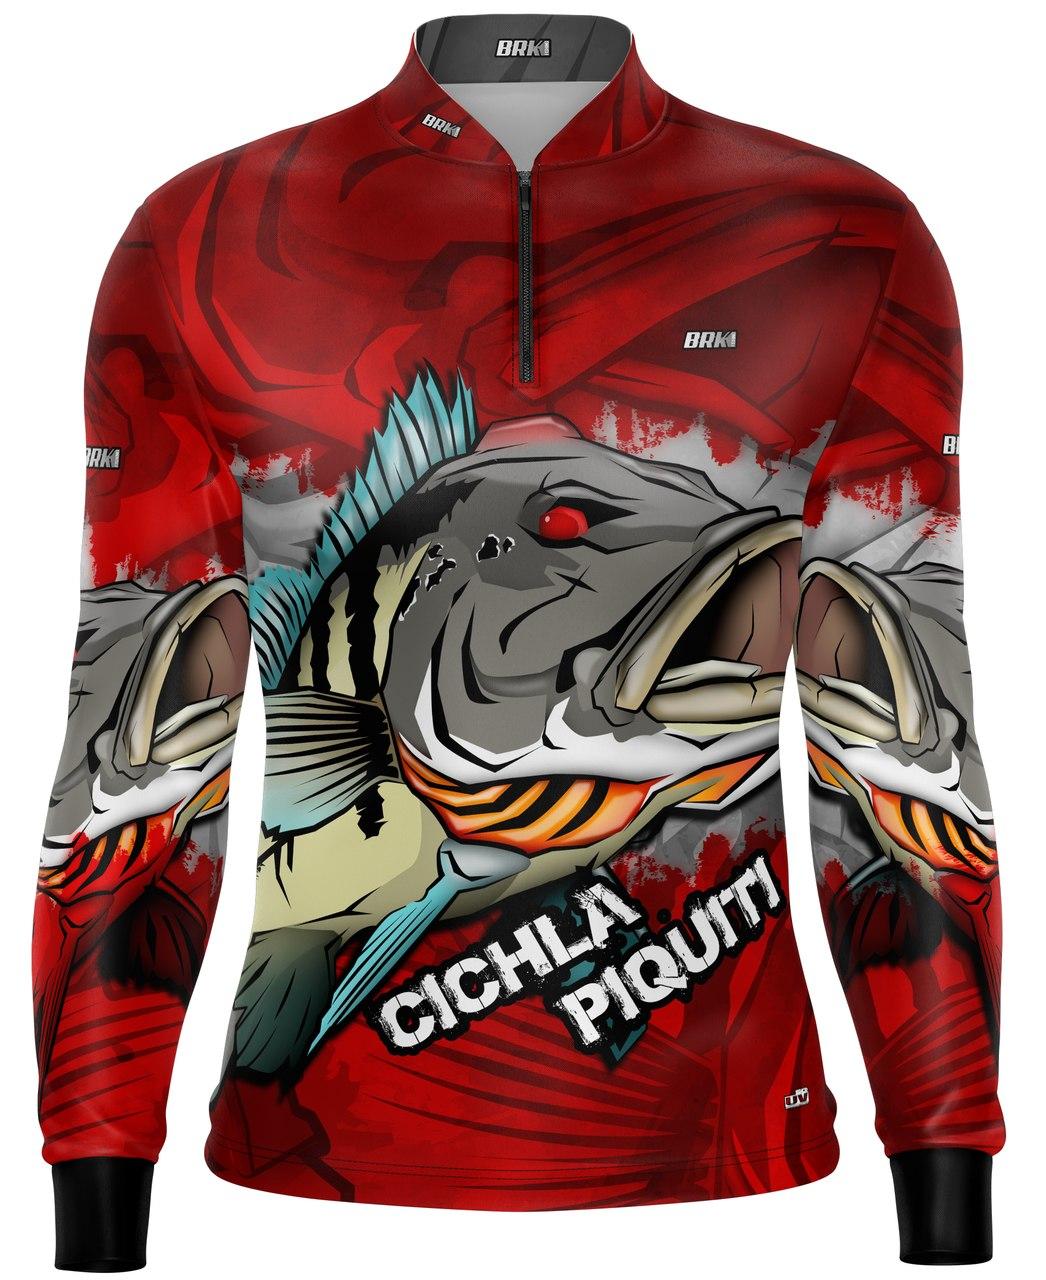 Camisa de Pesca Brk Cichla Piquiti com Proteção UV 50+